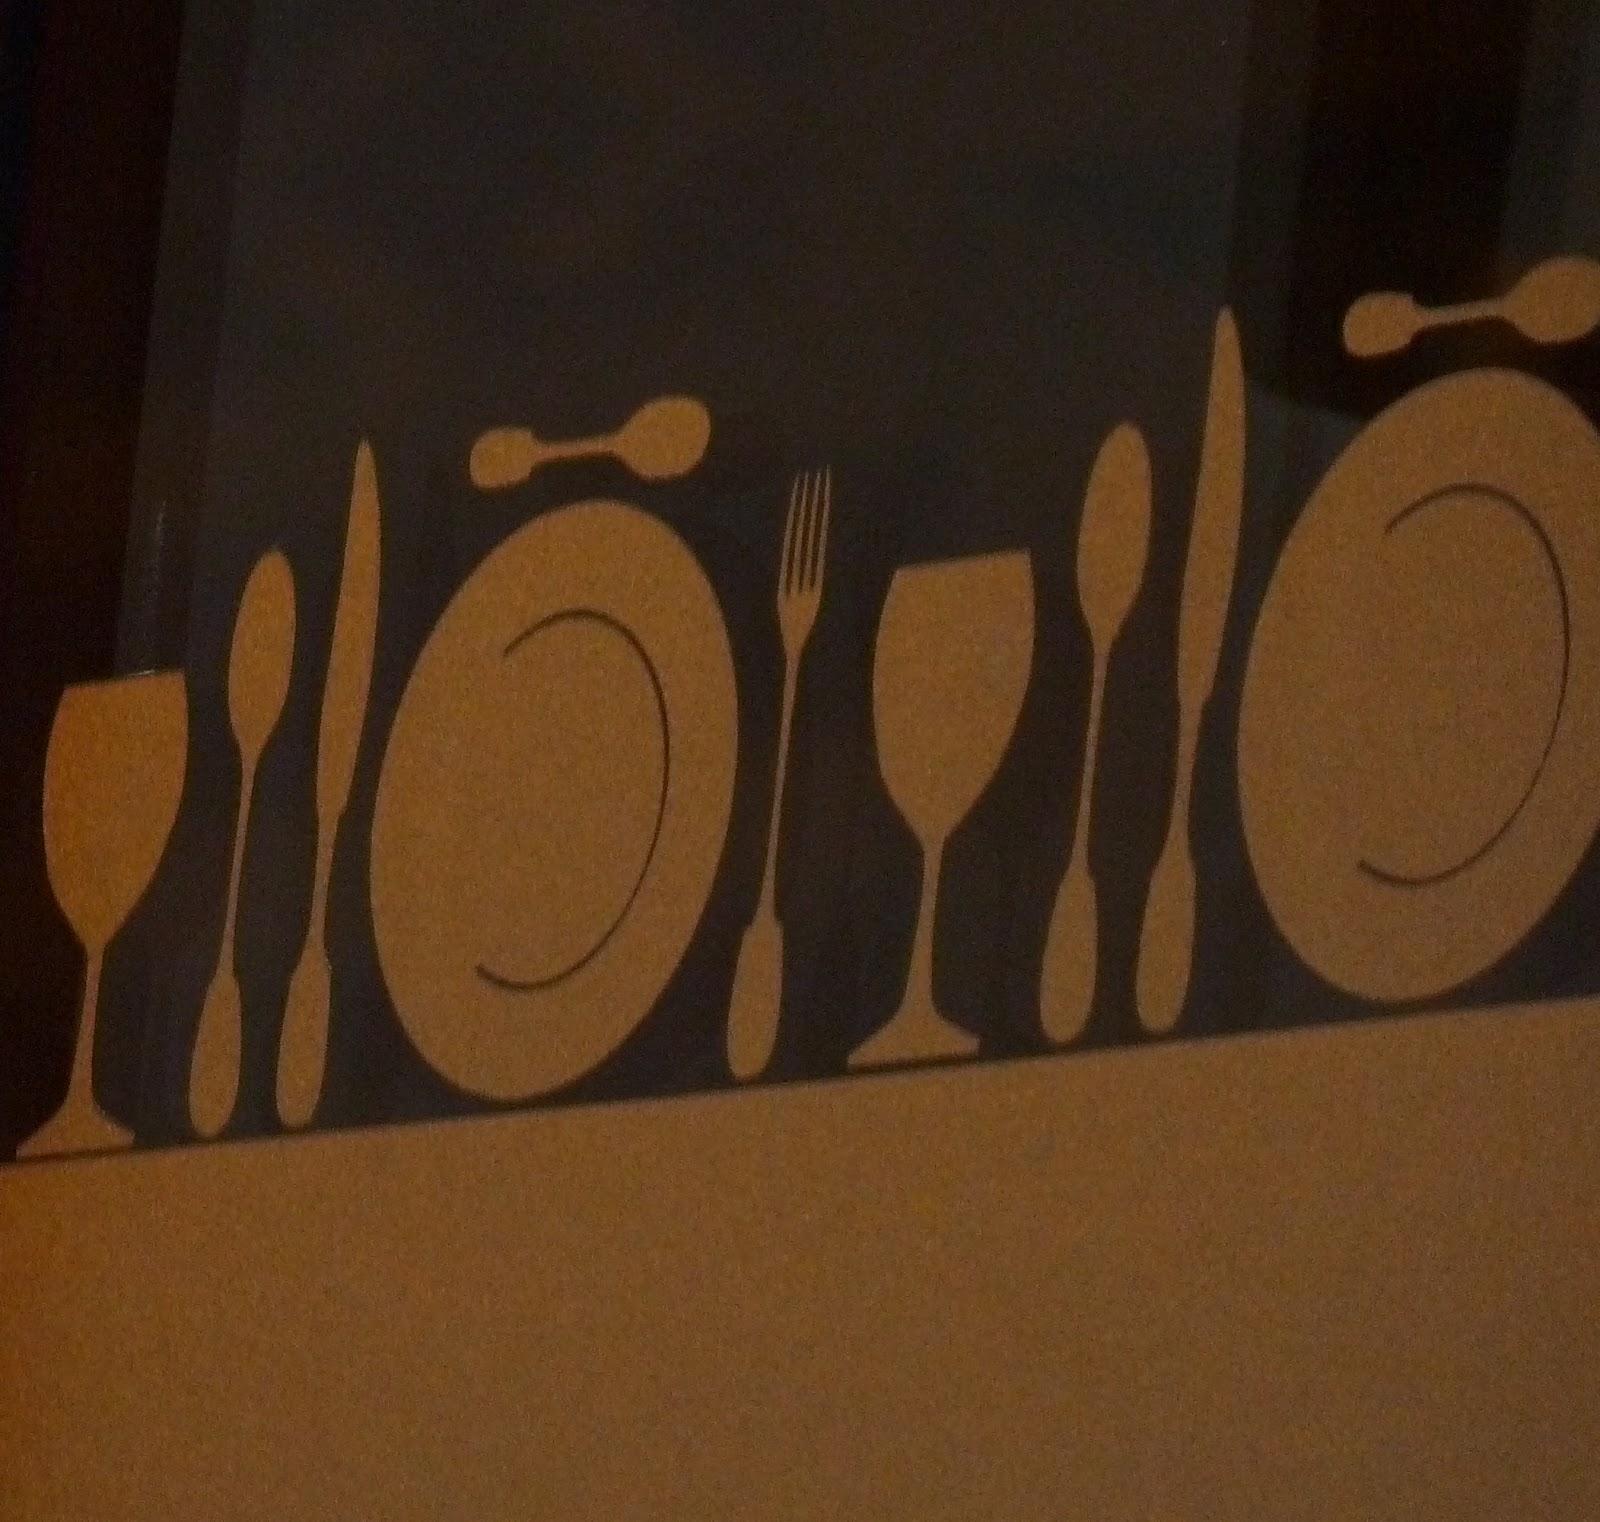 Paris missives la cantine du troquet dupleix restaurant review - La cantine du troquet dupleix ...